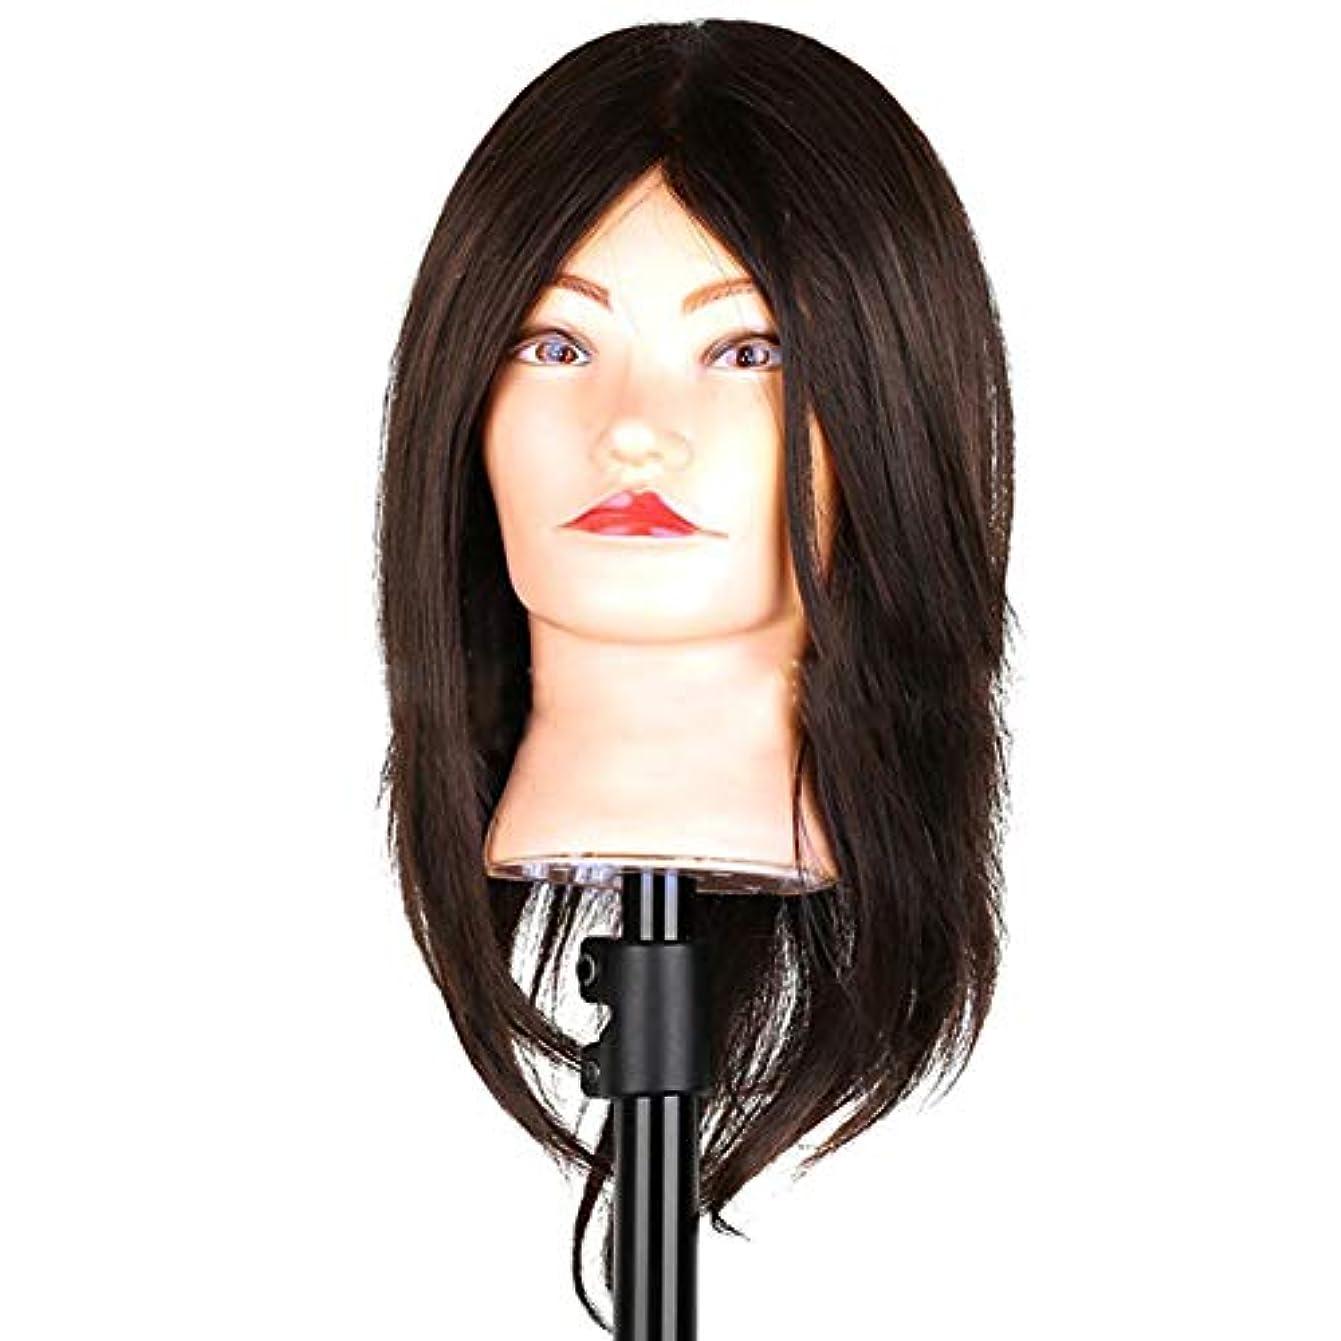 祈る裏切る取るに足らないヘアマネキンヘッド練習ディスク髪編組ヘッドモデル理髪店学校教育かつらヘッドバンドブラケット